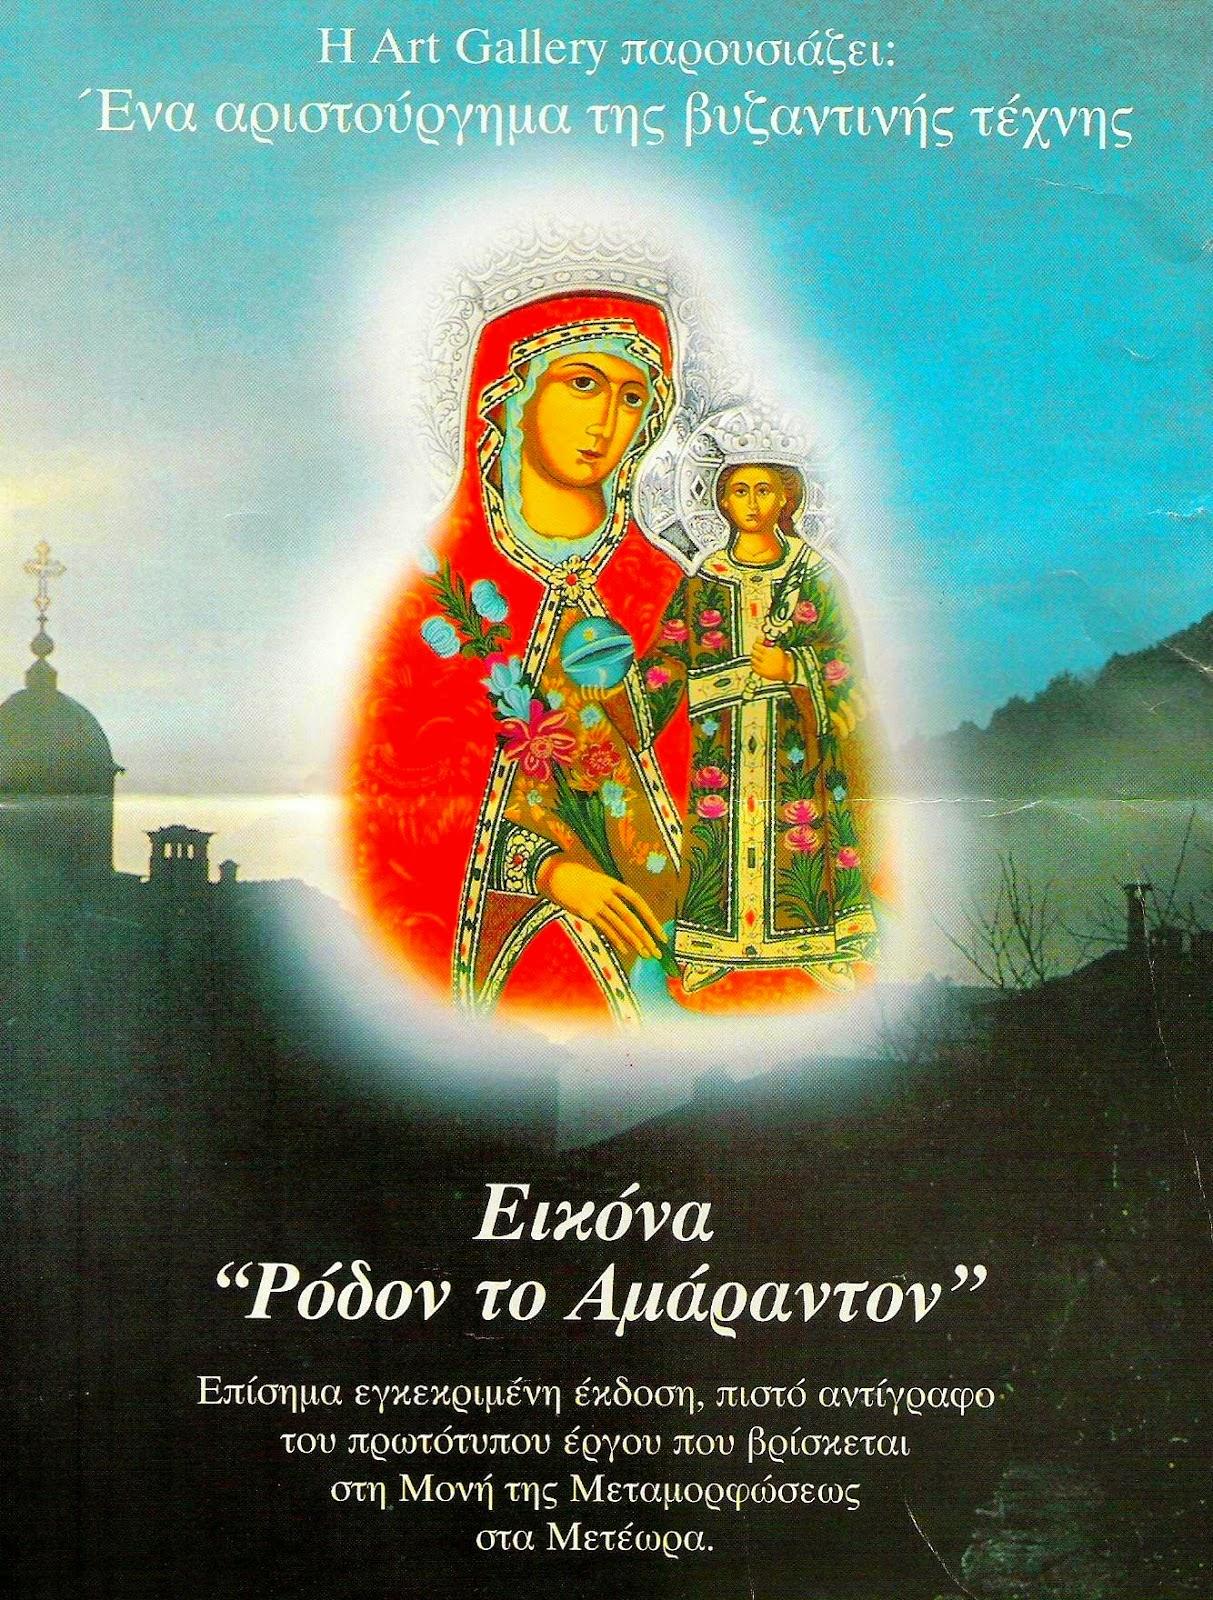 Η εικόνα «Παναγία – Ρόδον το Αμάραντον» στο Άργος Ορεστικό